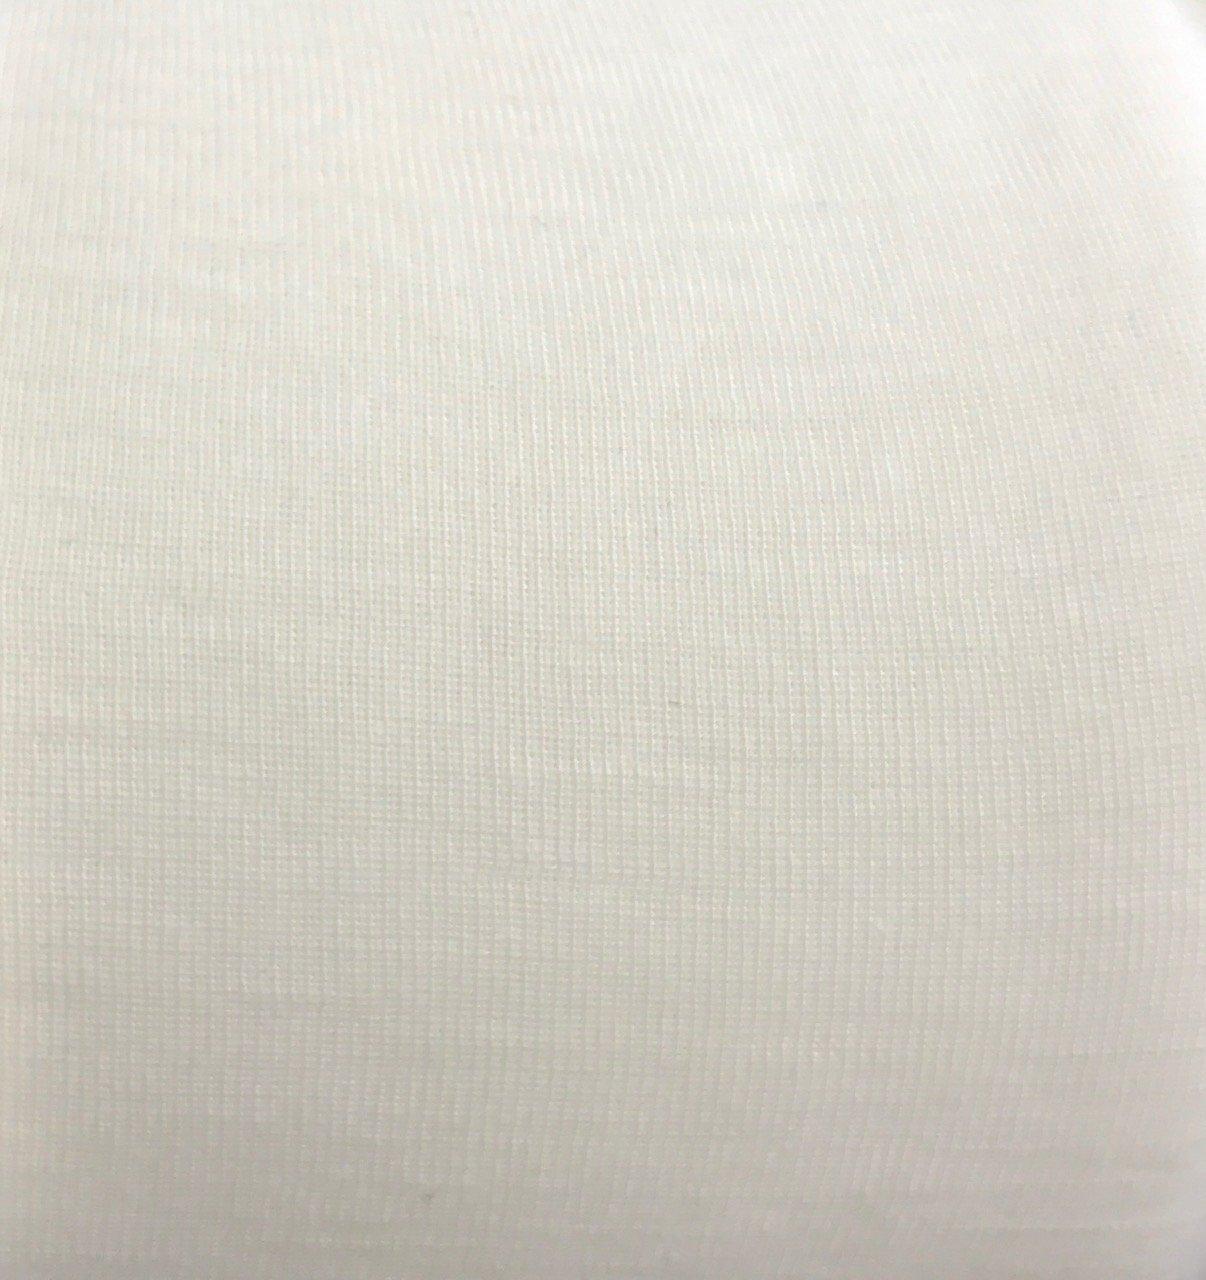 Merino Wool Rib - Cream